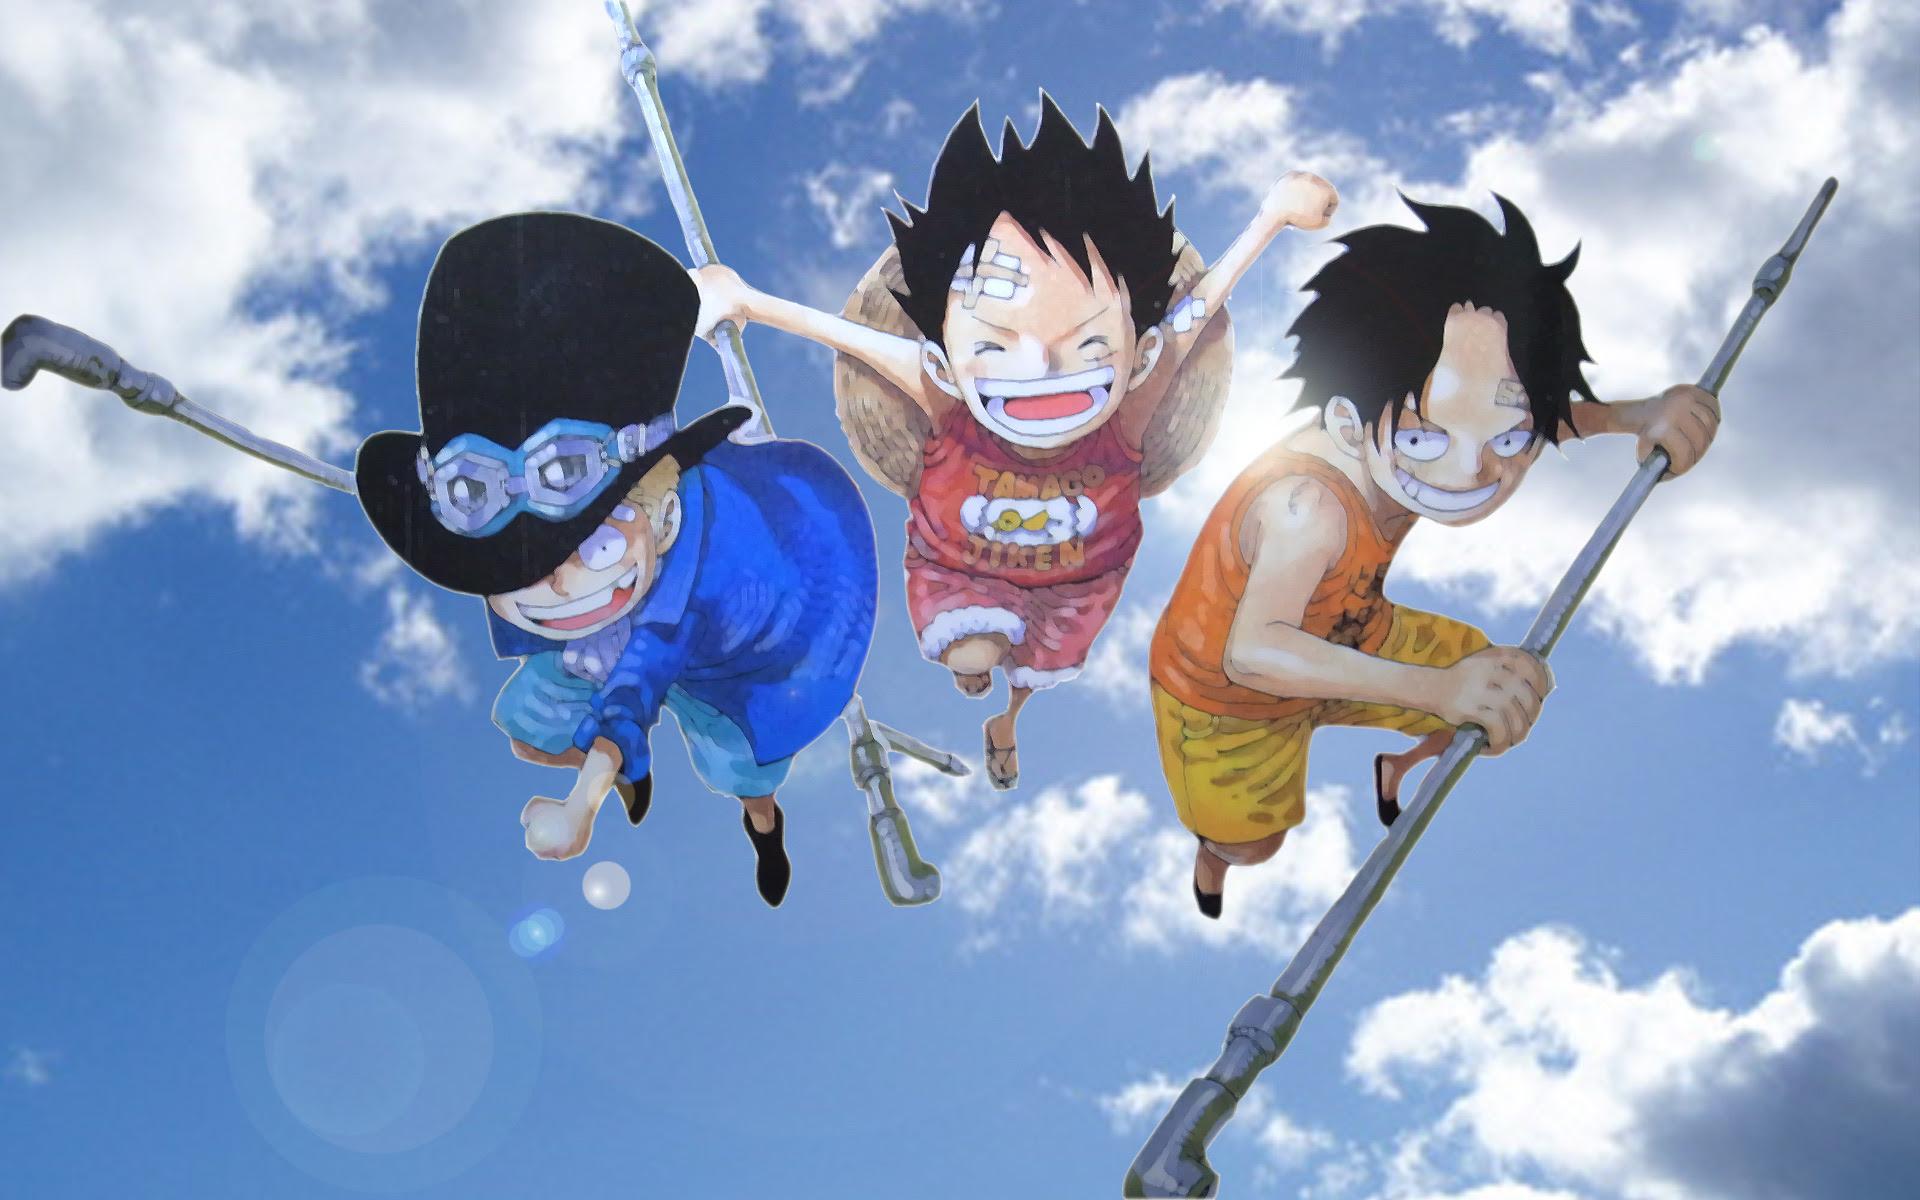 奇跡の桜 サボ エース ルフィ One Piece ポートガス D エース